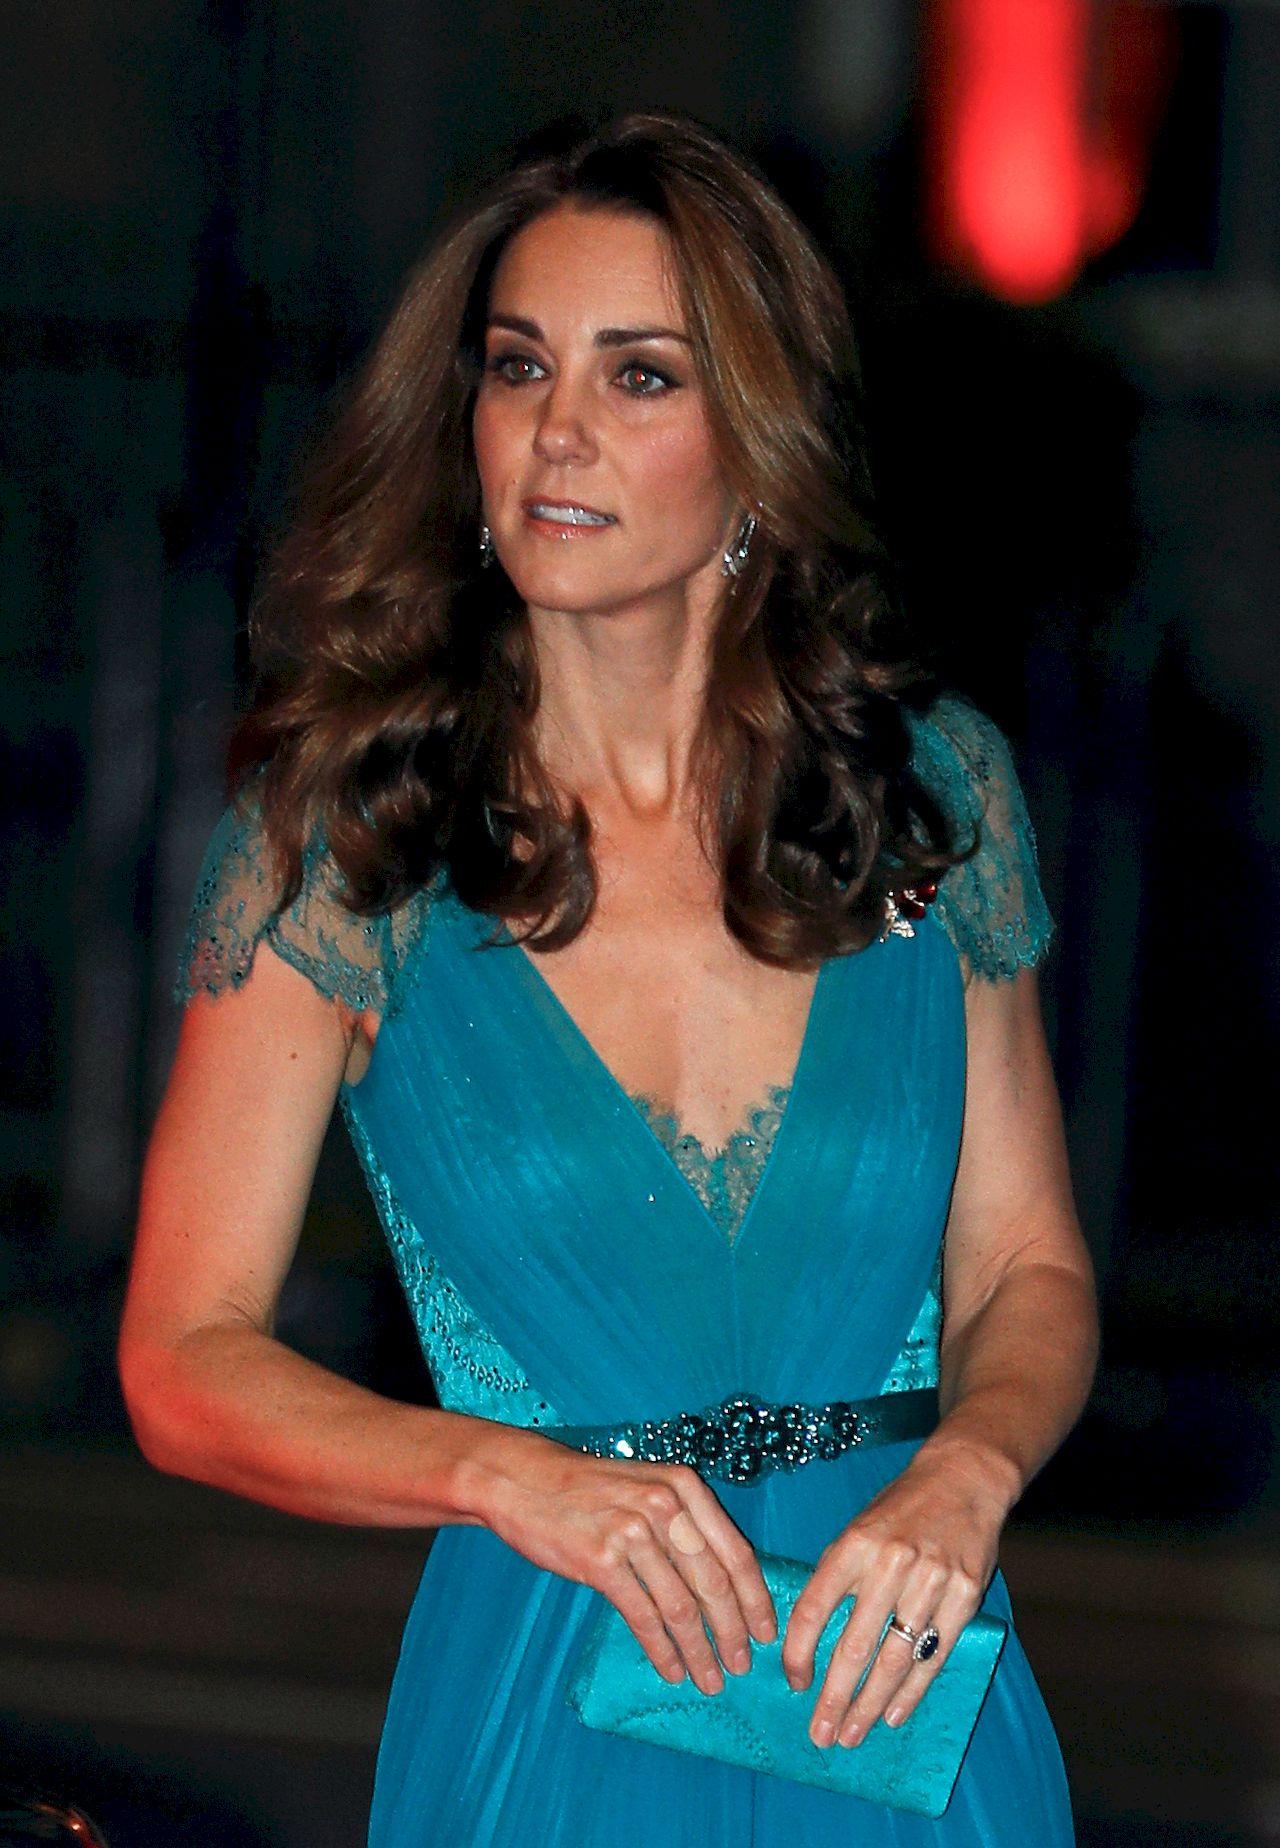 Księżna Kate jest coraz CHUDSZA: Przestała jeść